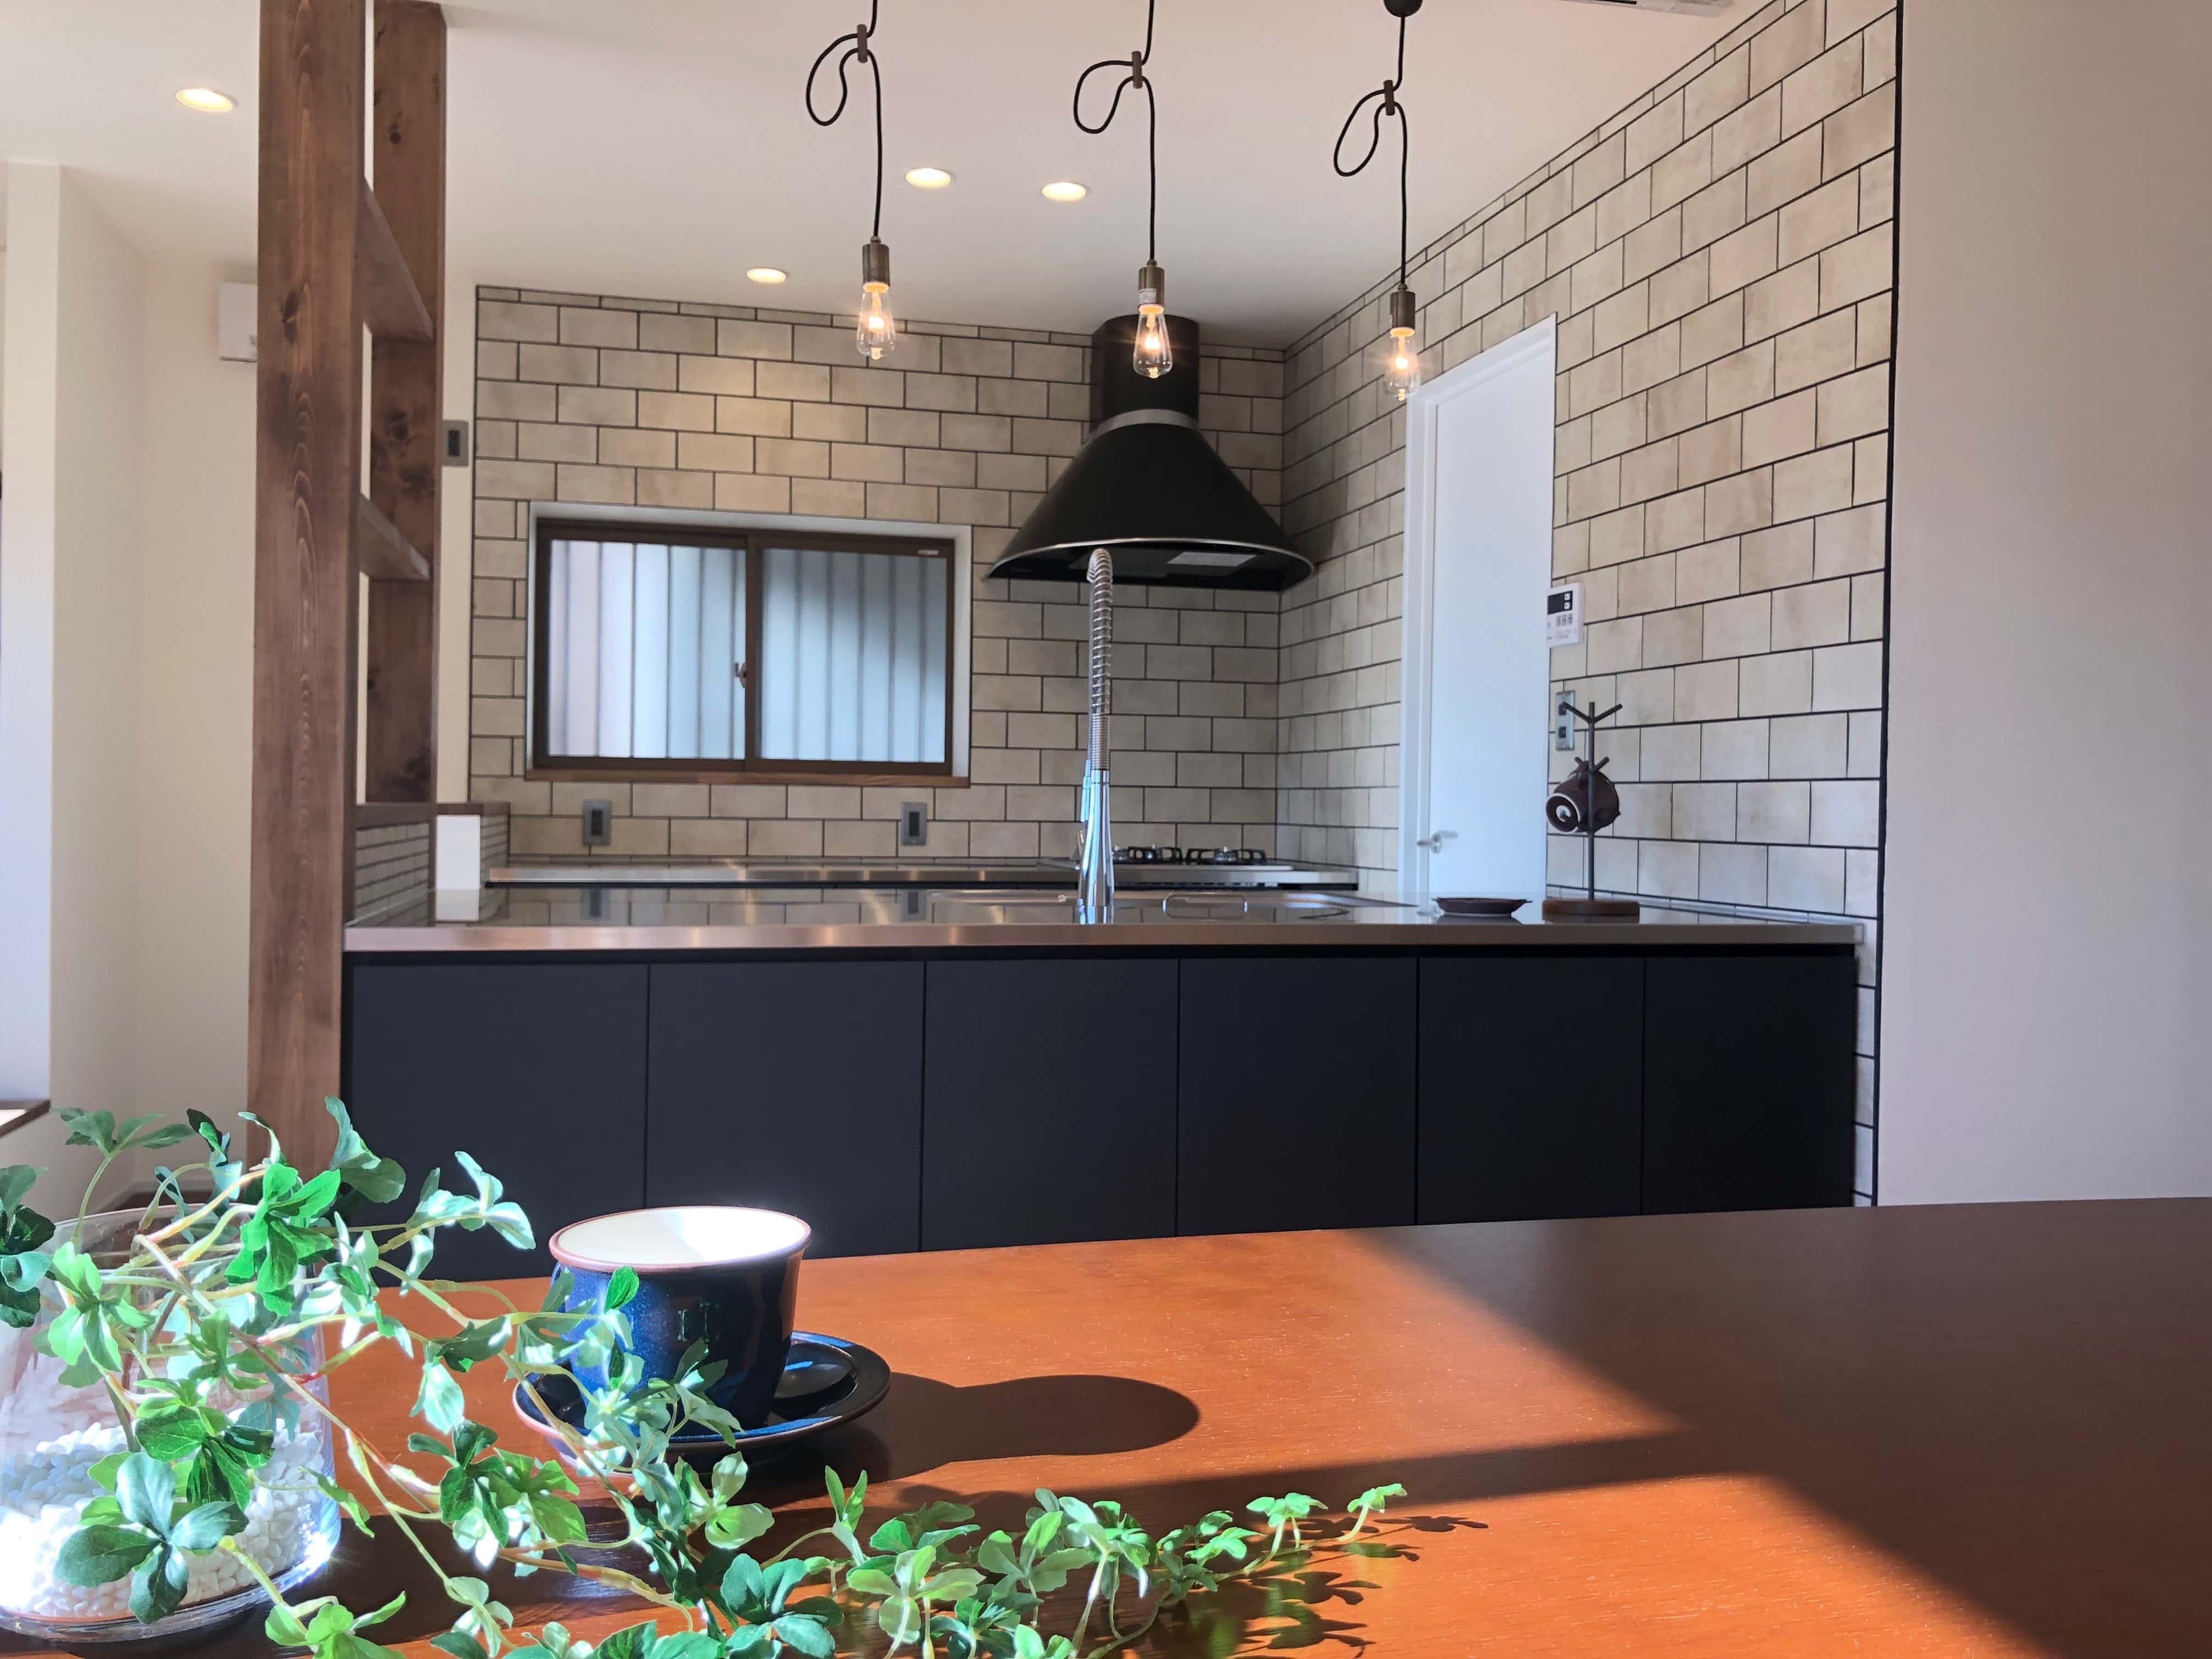 ダークグレーのキッチンレトロテイストのタイル、ナラ材のテーブルにはカップとグリーン。暮らしの様子が感じられます。